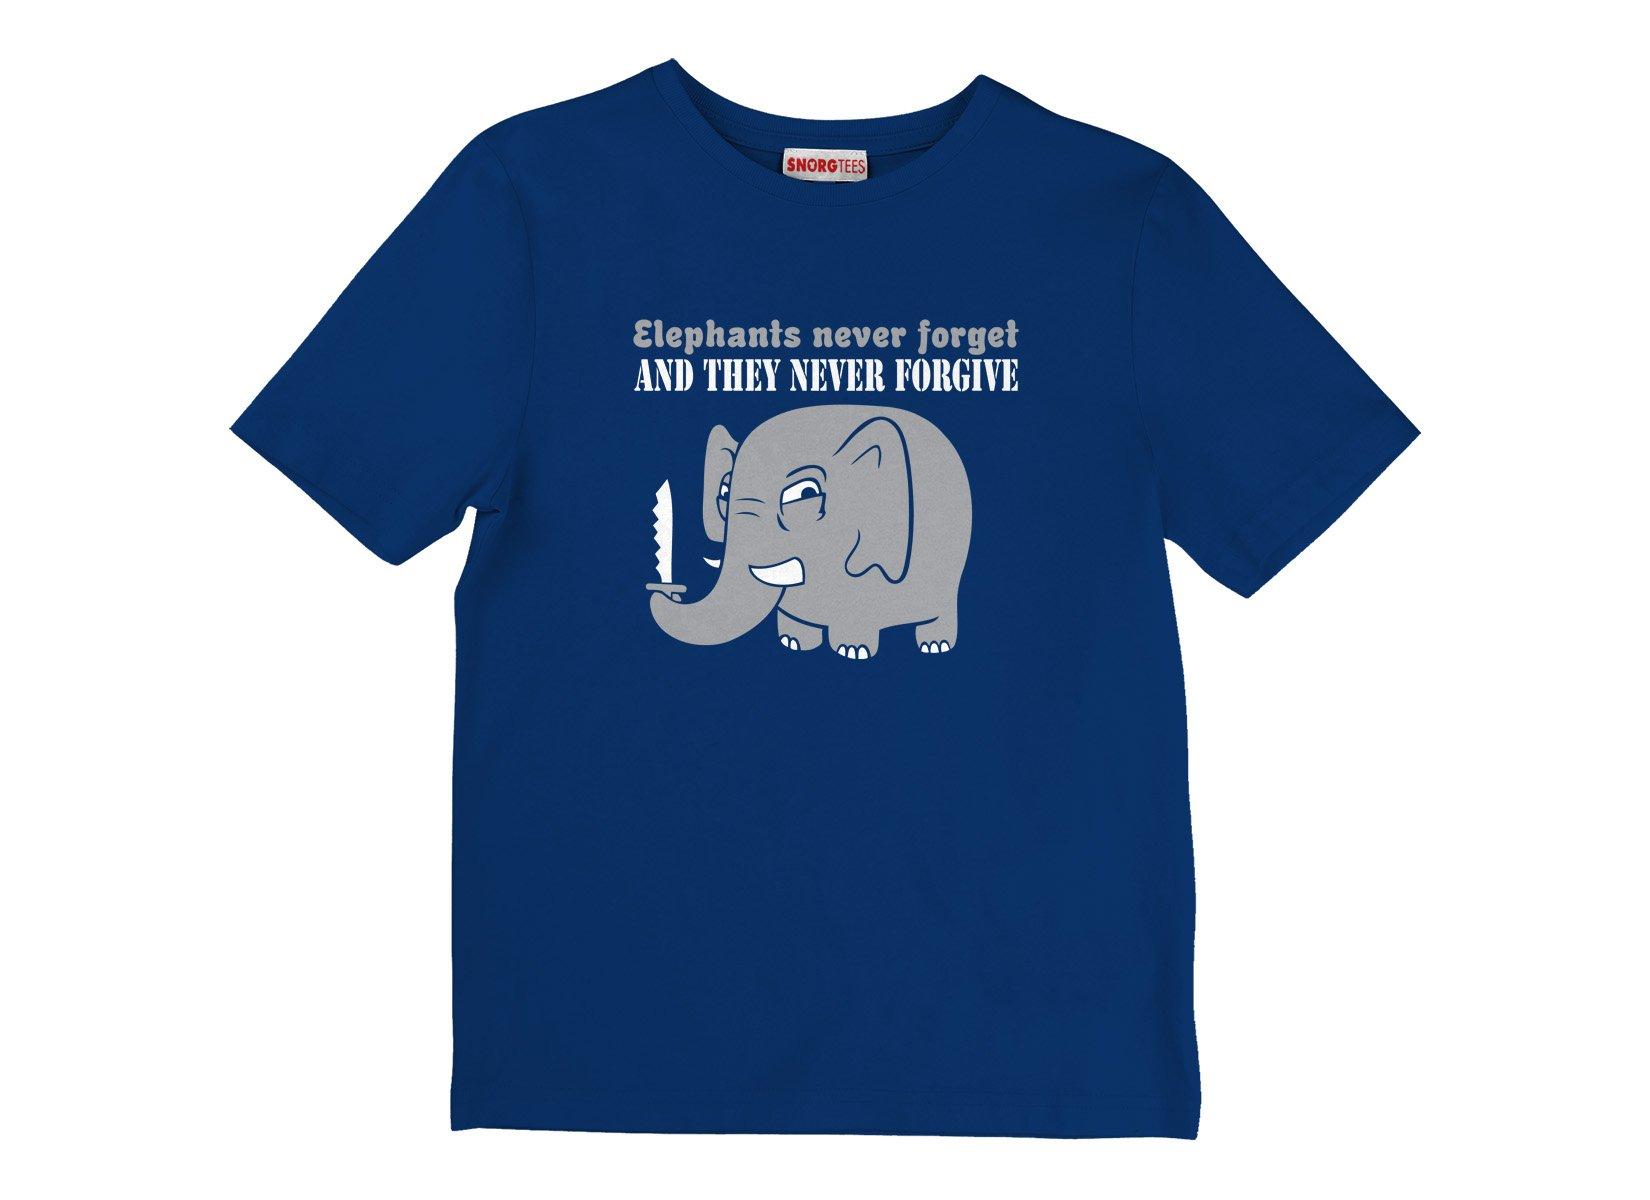 Elephants Never Forgive on Kids T-Shirt